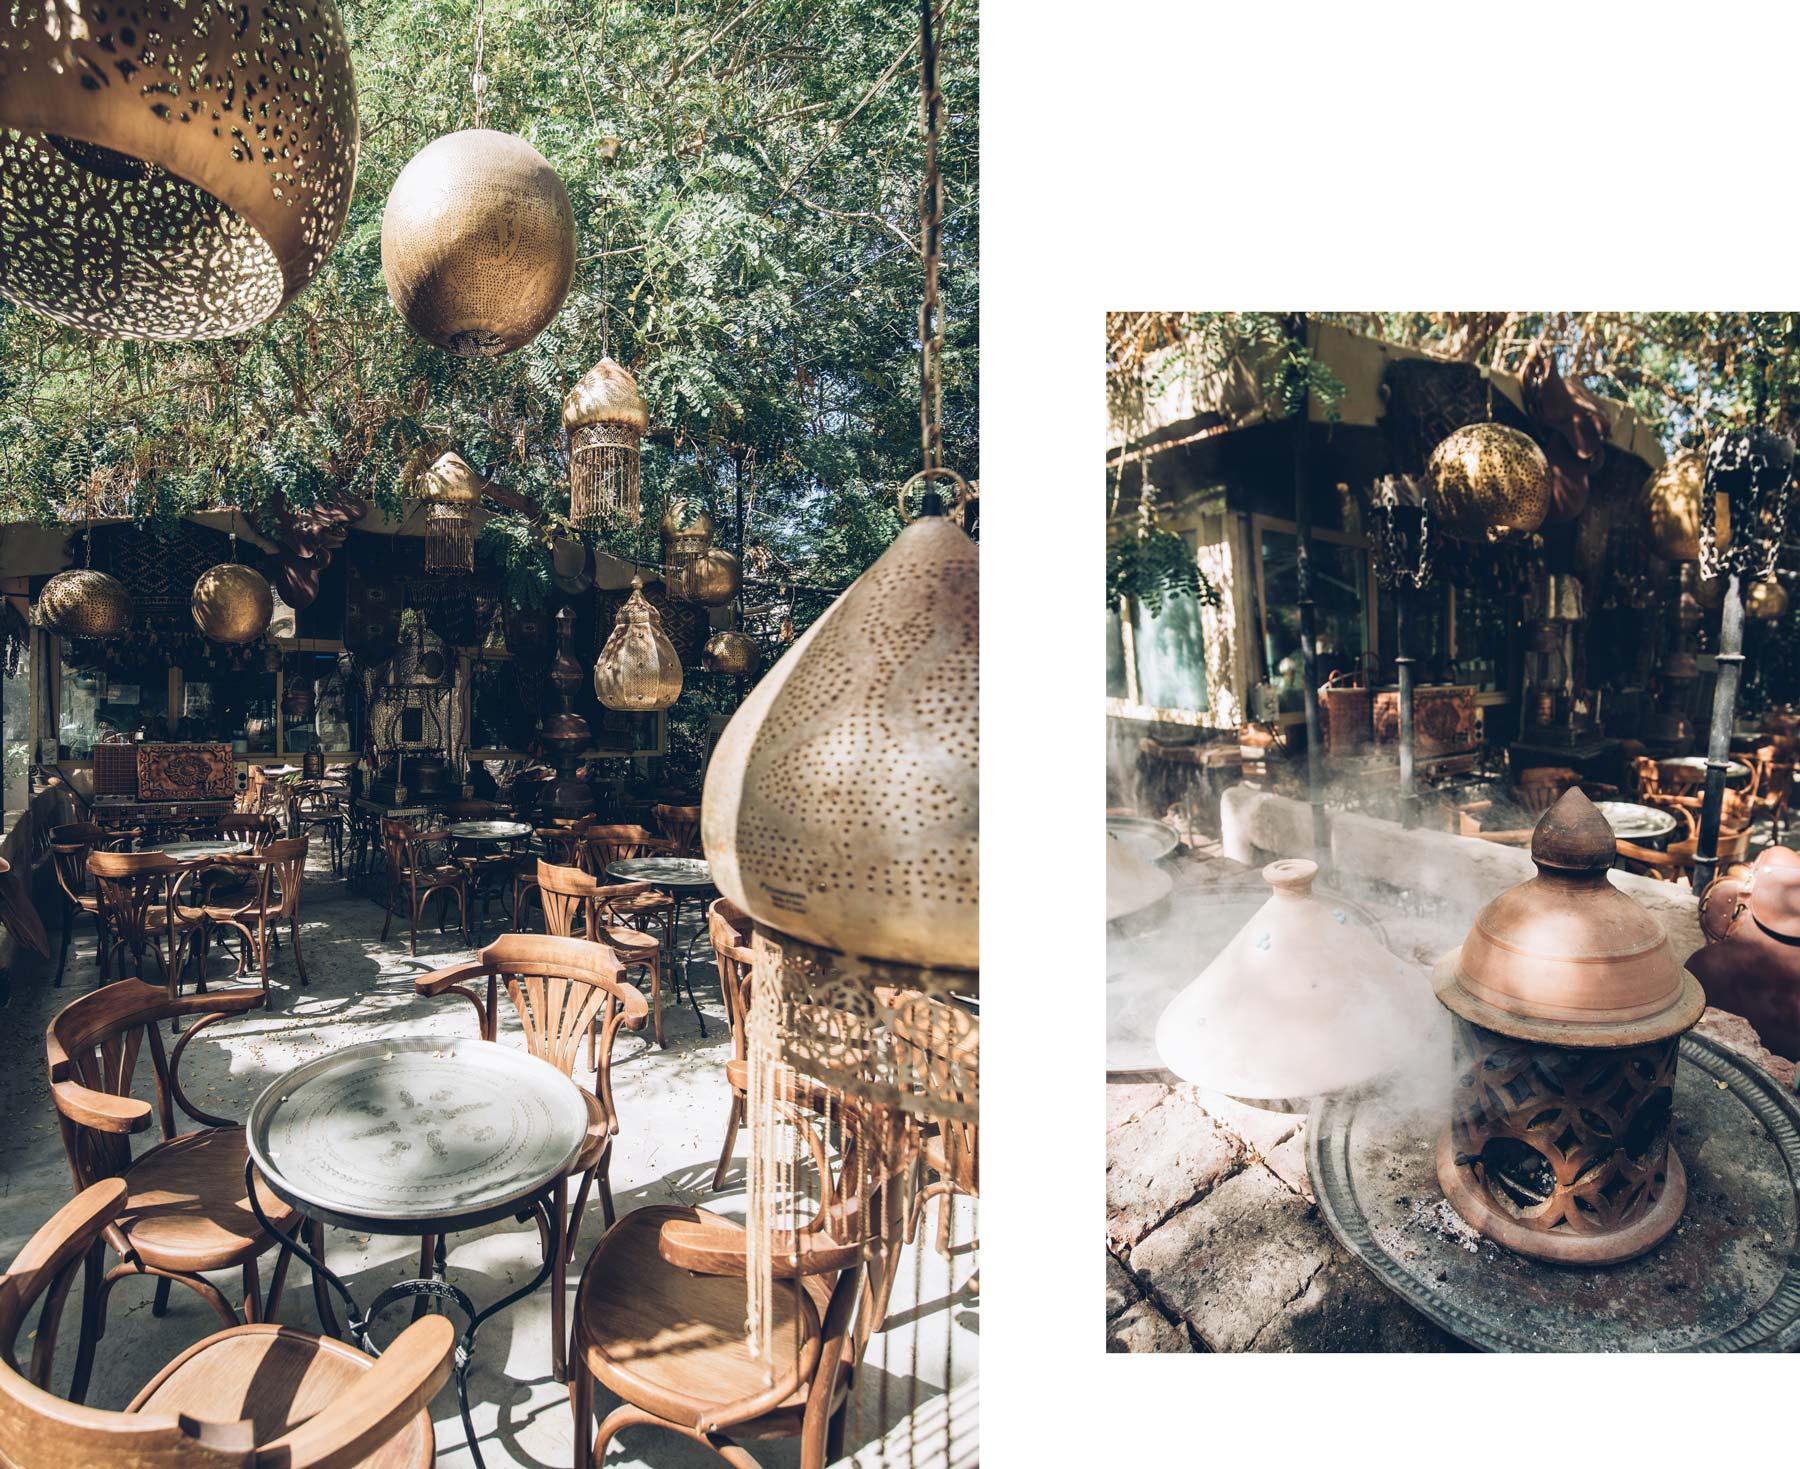 Restaurant Kargeen, Mascate, Oman